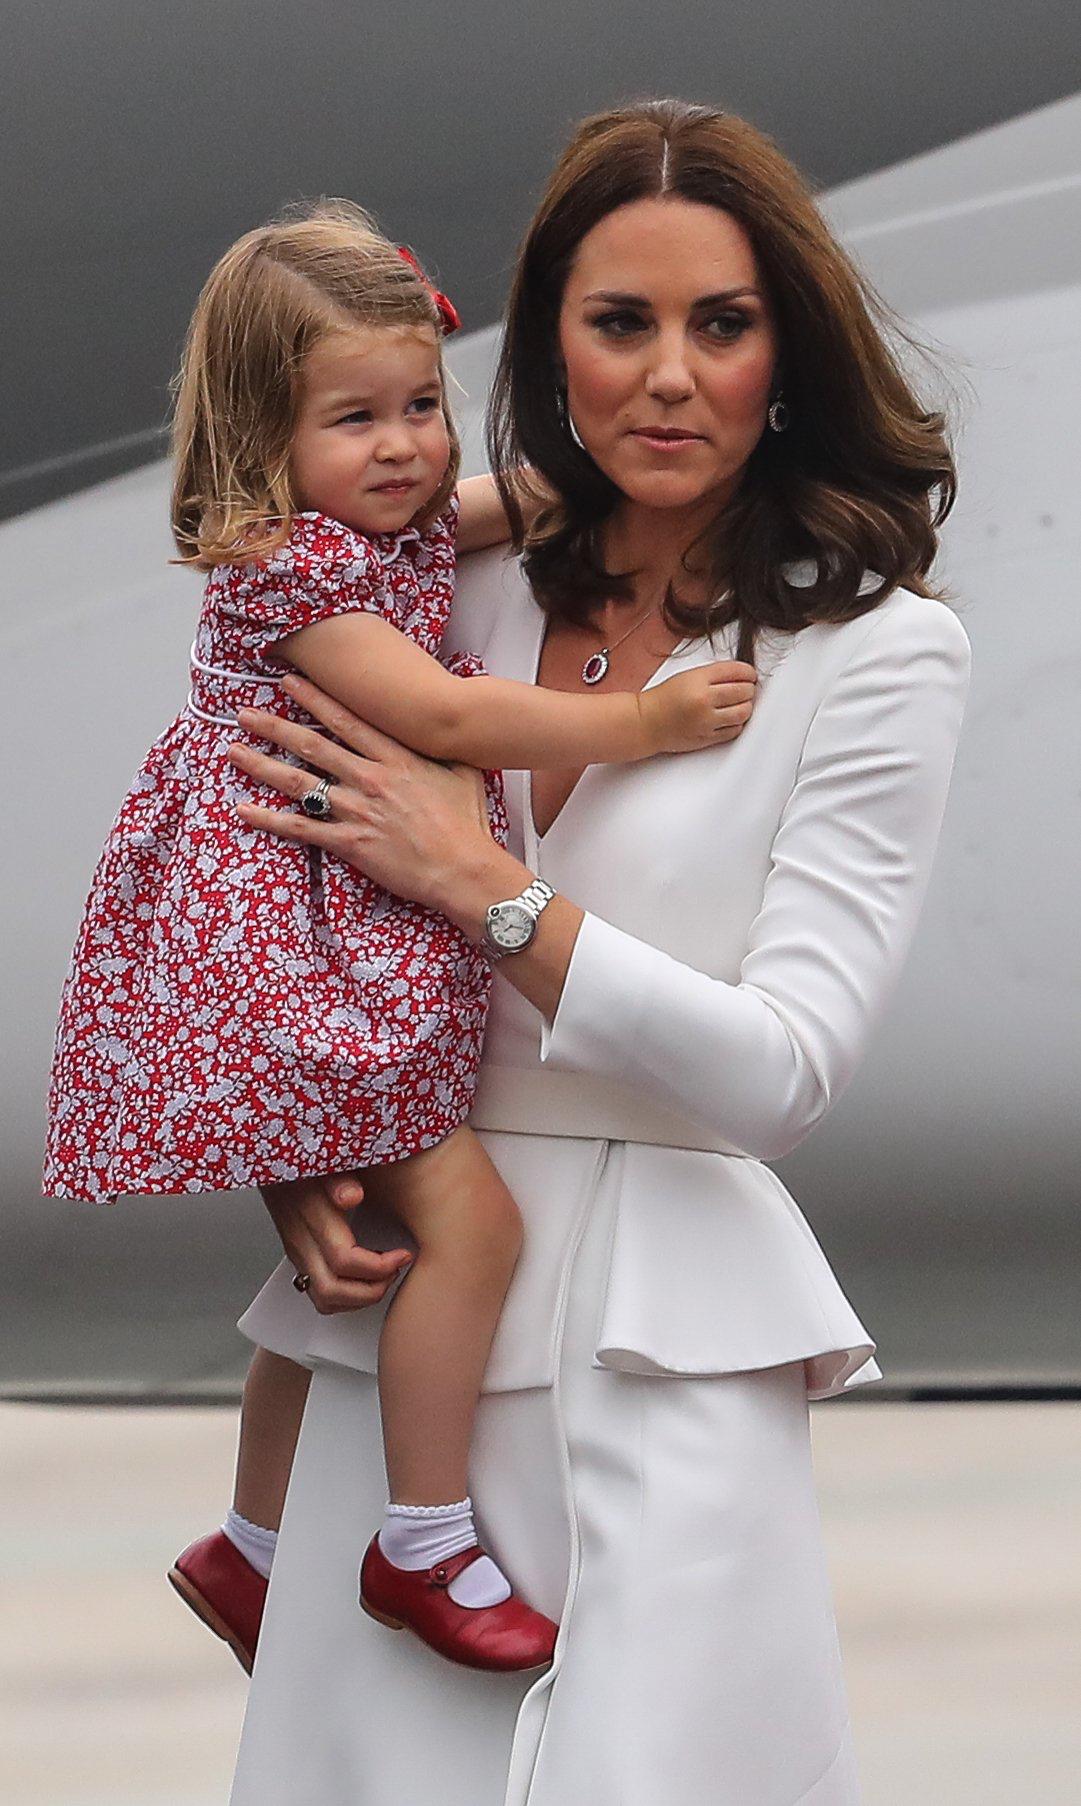 Pin By Nipa Mewar On Royals Kate Middleton Prince William Princess Kate Duchess Kate